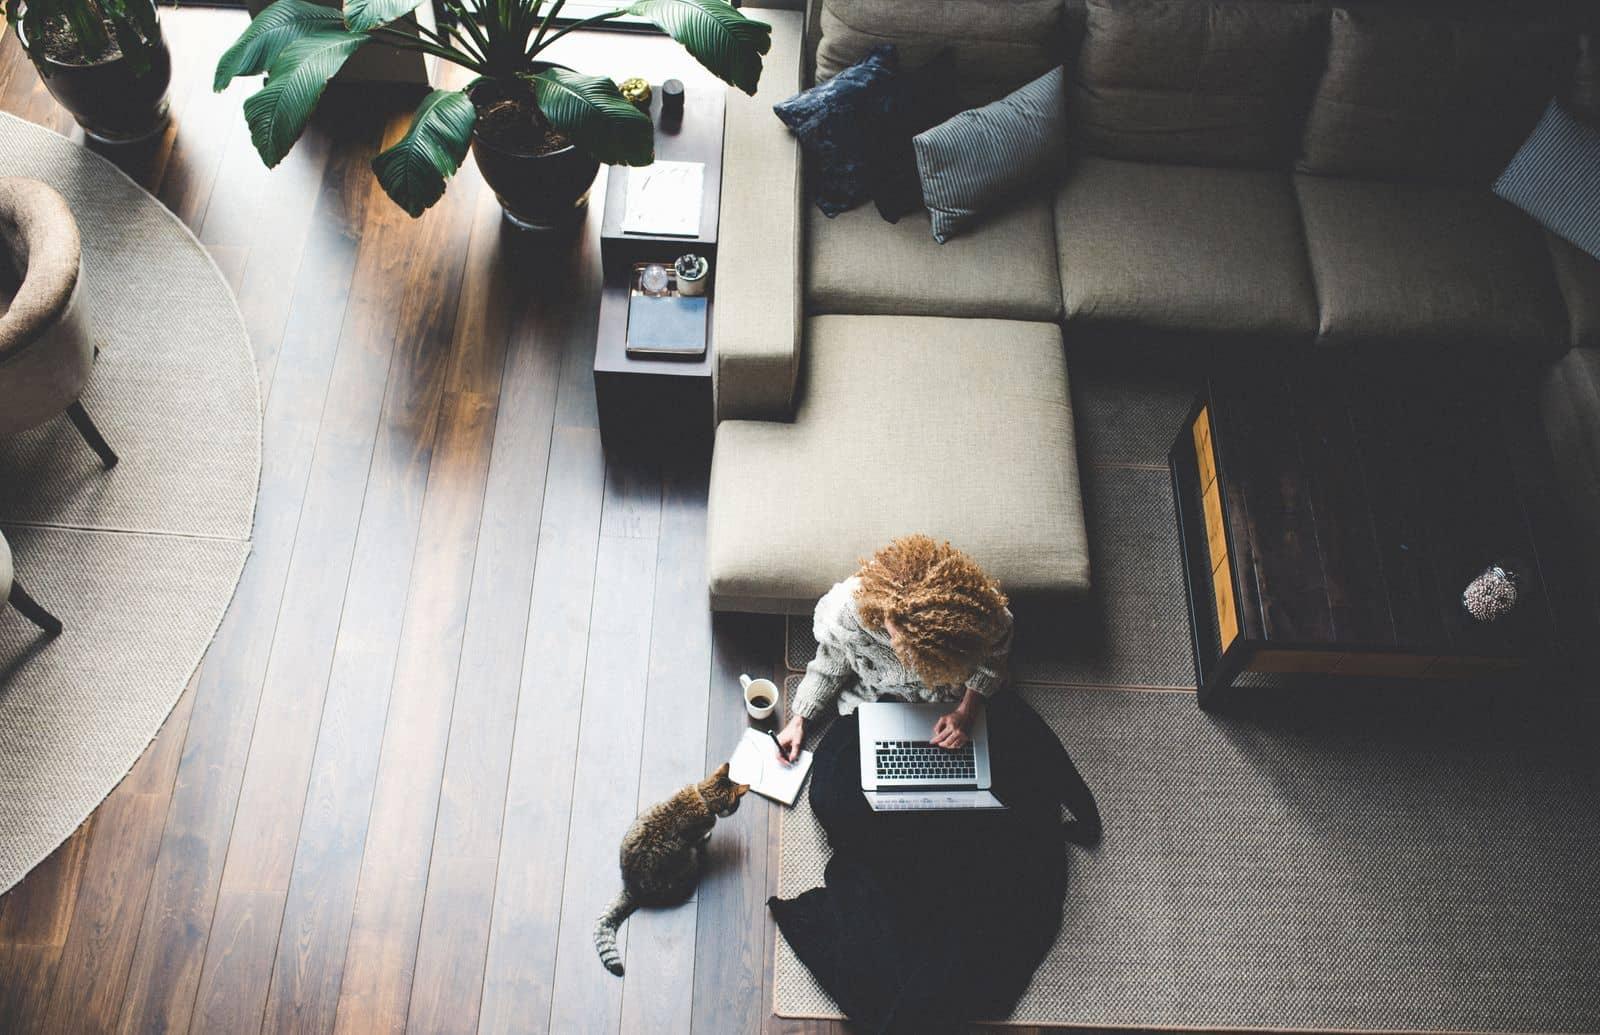 Télétravail : 6 trucs pour stimuler sa motivation et sa productivité